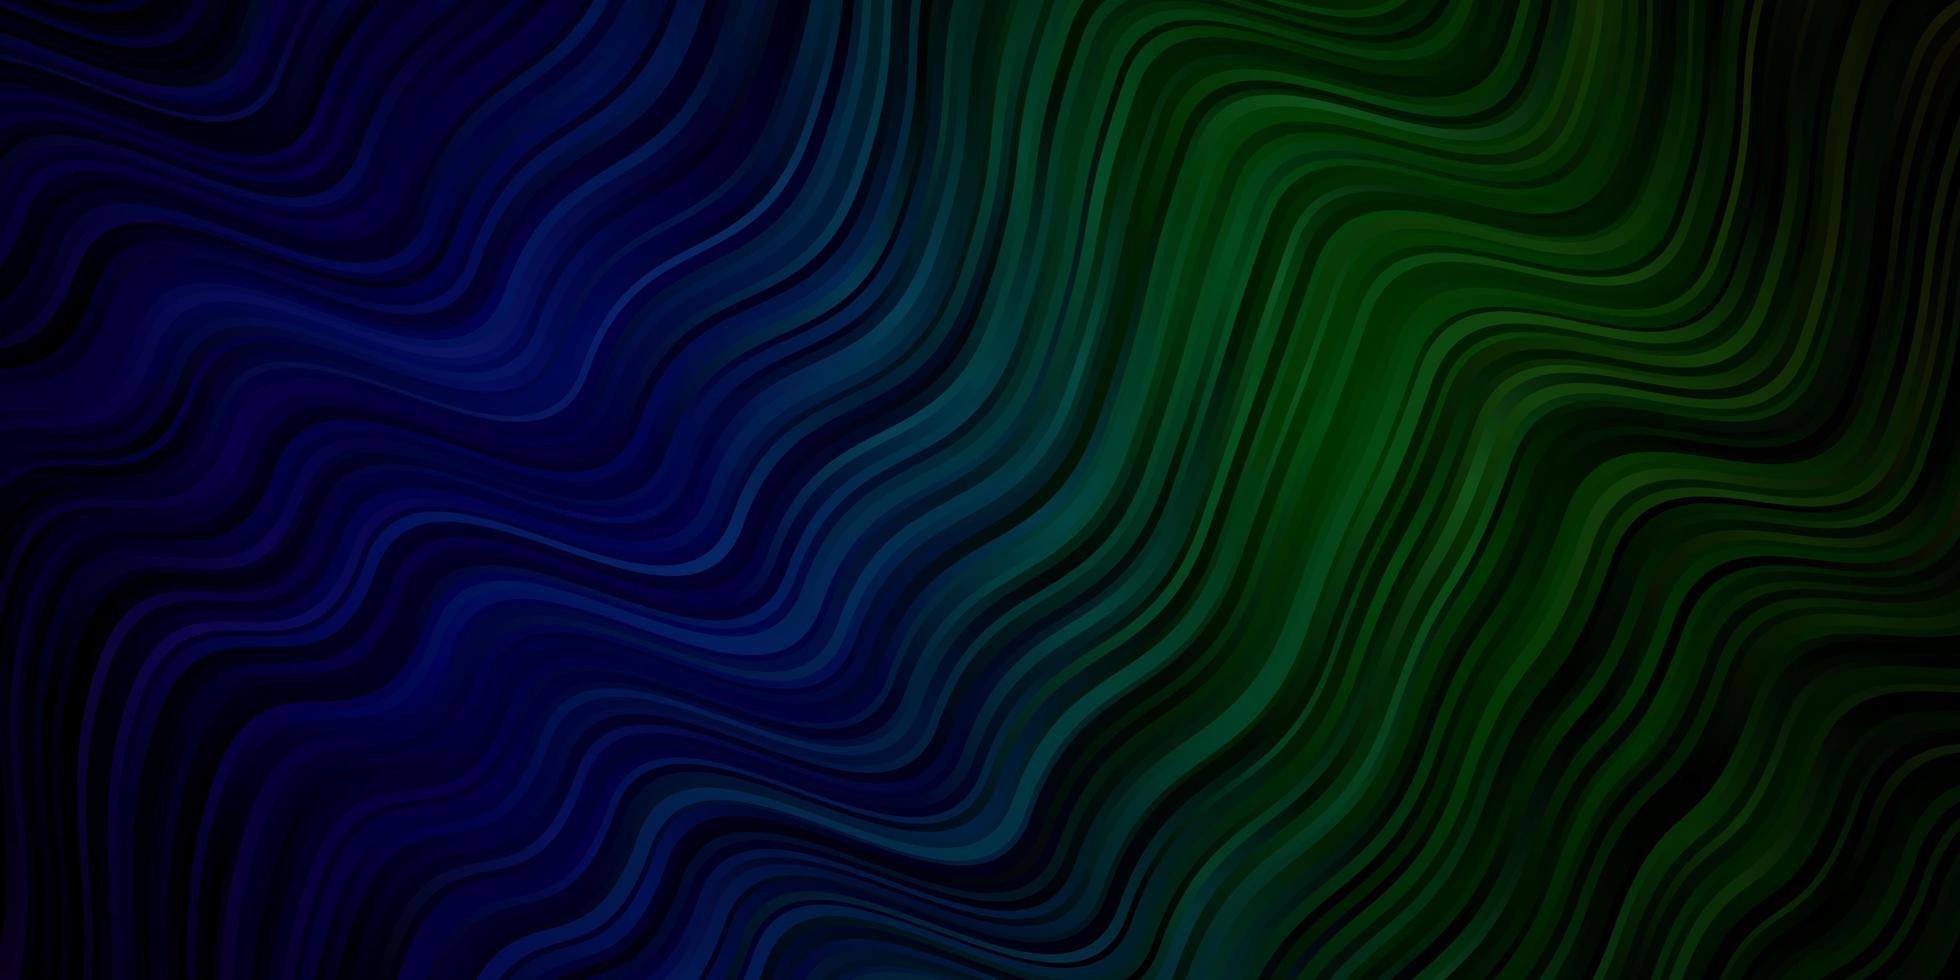 fond de vecteur bleu clair, vert avec des lignes pliées.